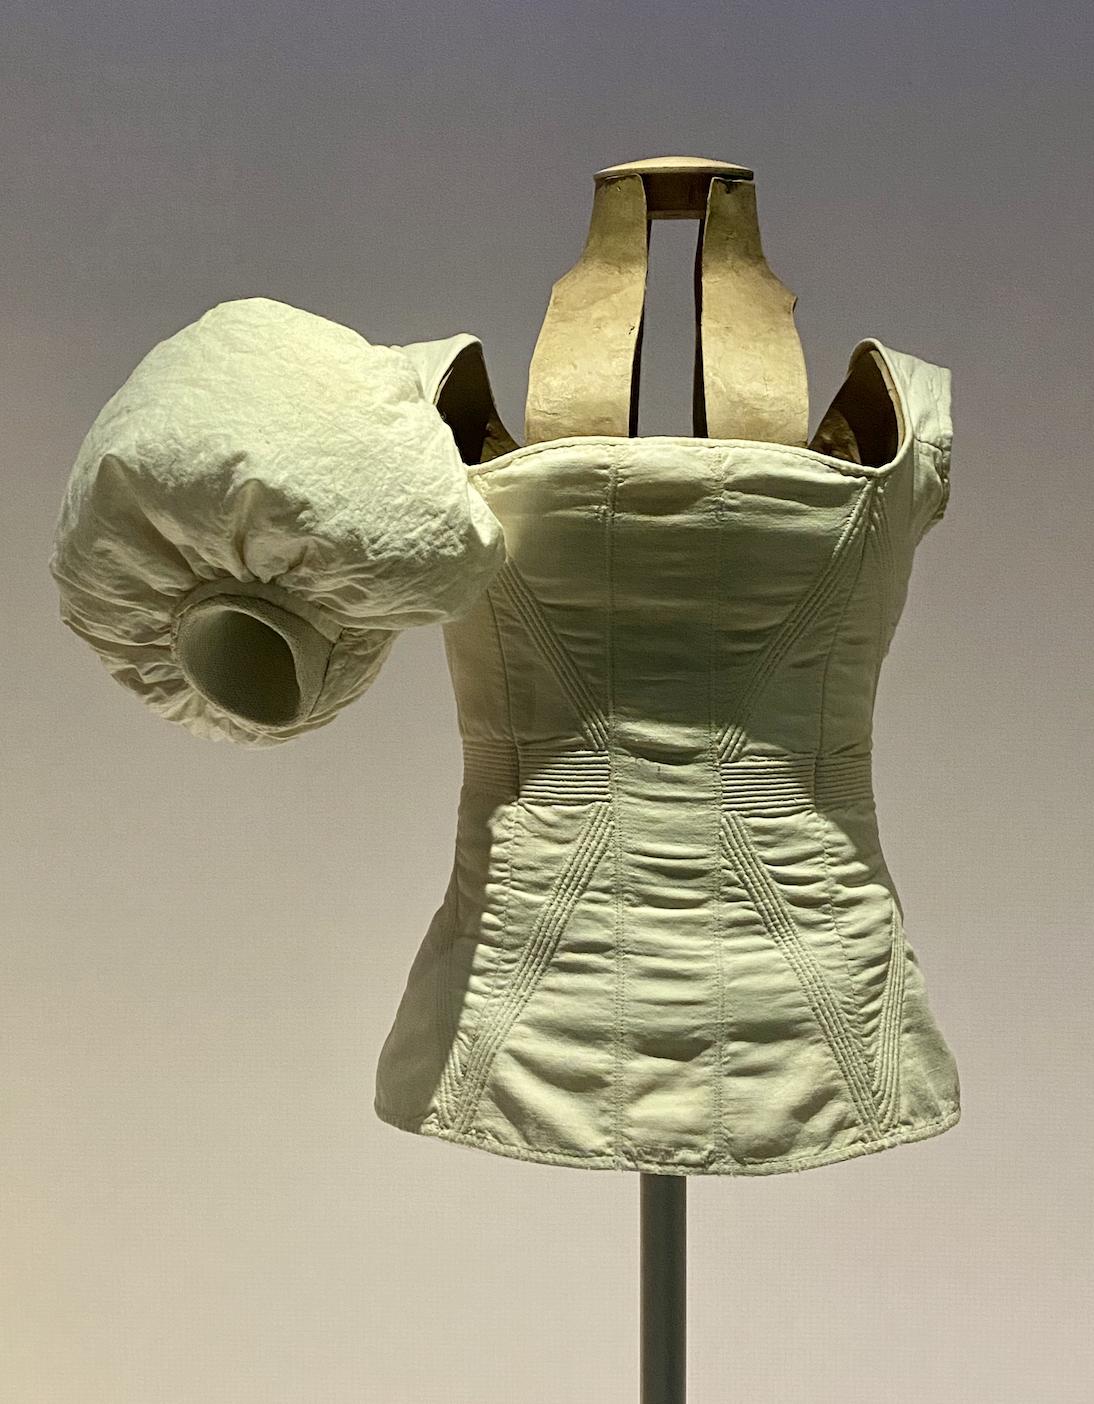 El vestido hincha el cuerpo para que parezca que la mujer flote.   Fuente: Rubén Navarro